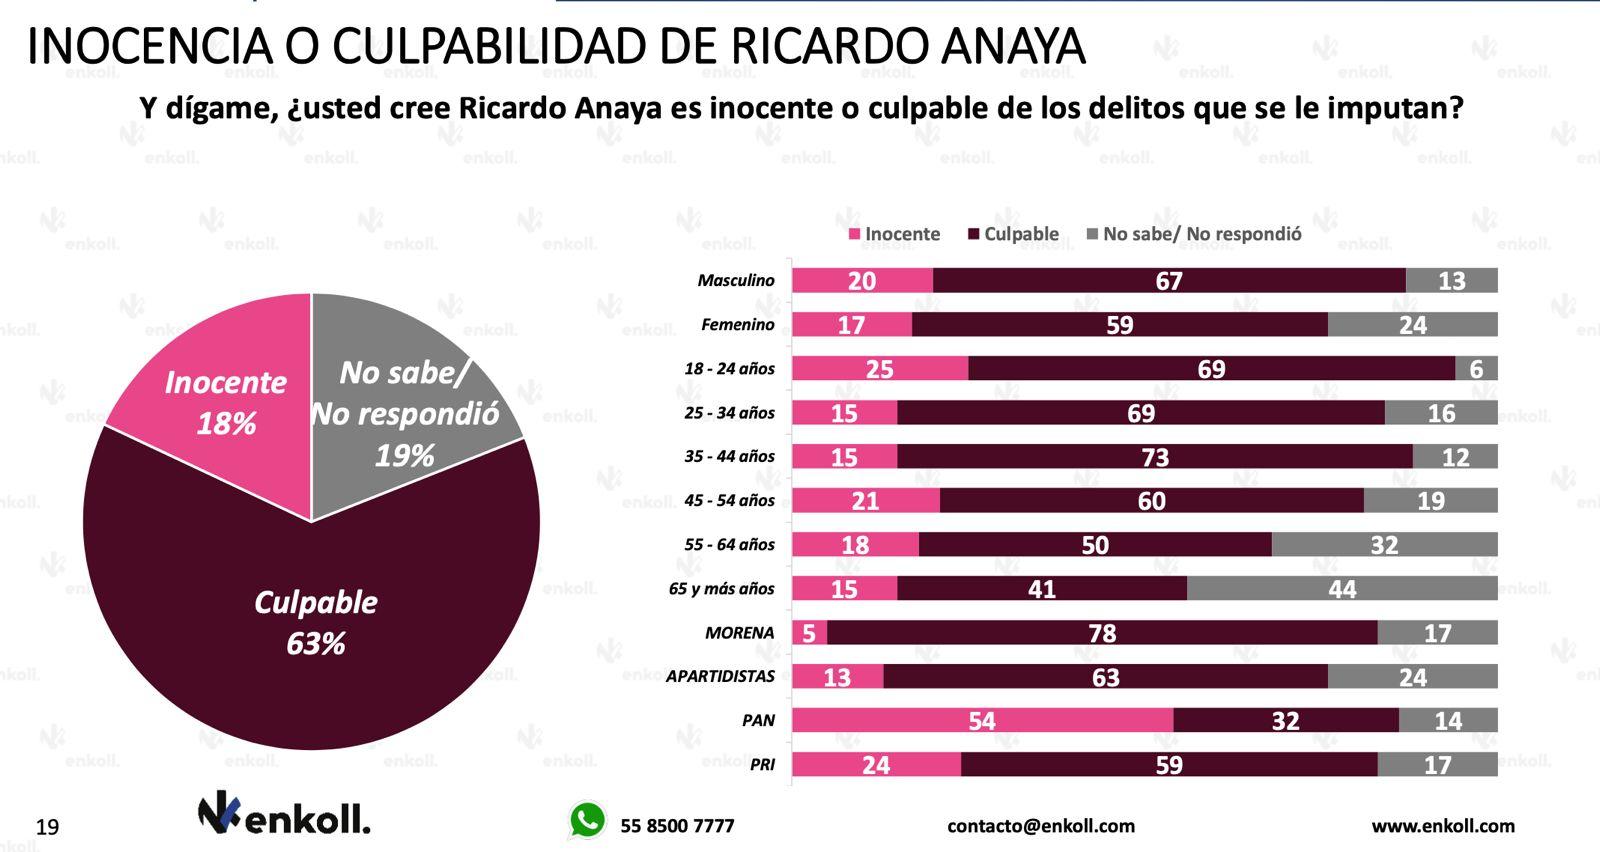 Llega AMLO a 59%  de aprobación en el marco del tercer informe de Gobierno